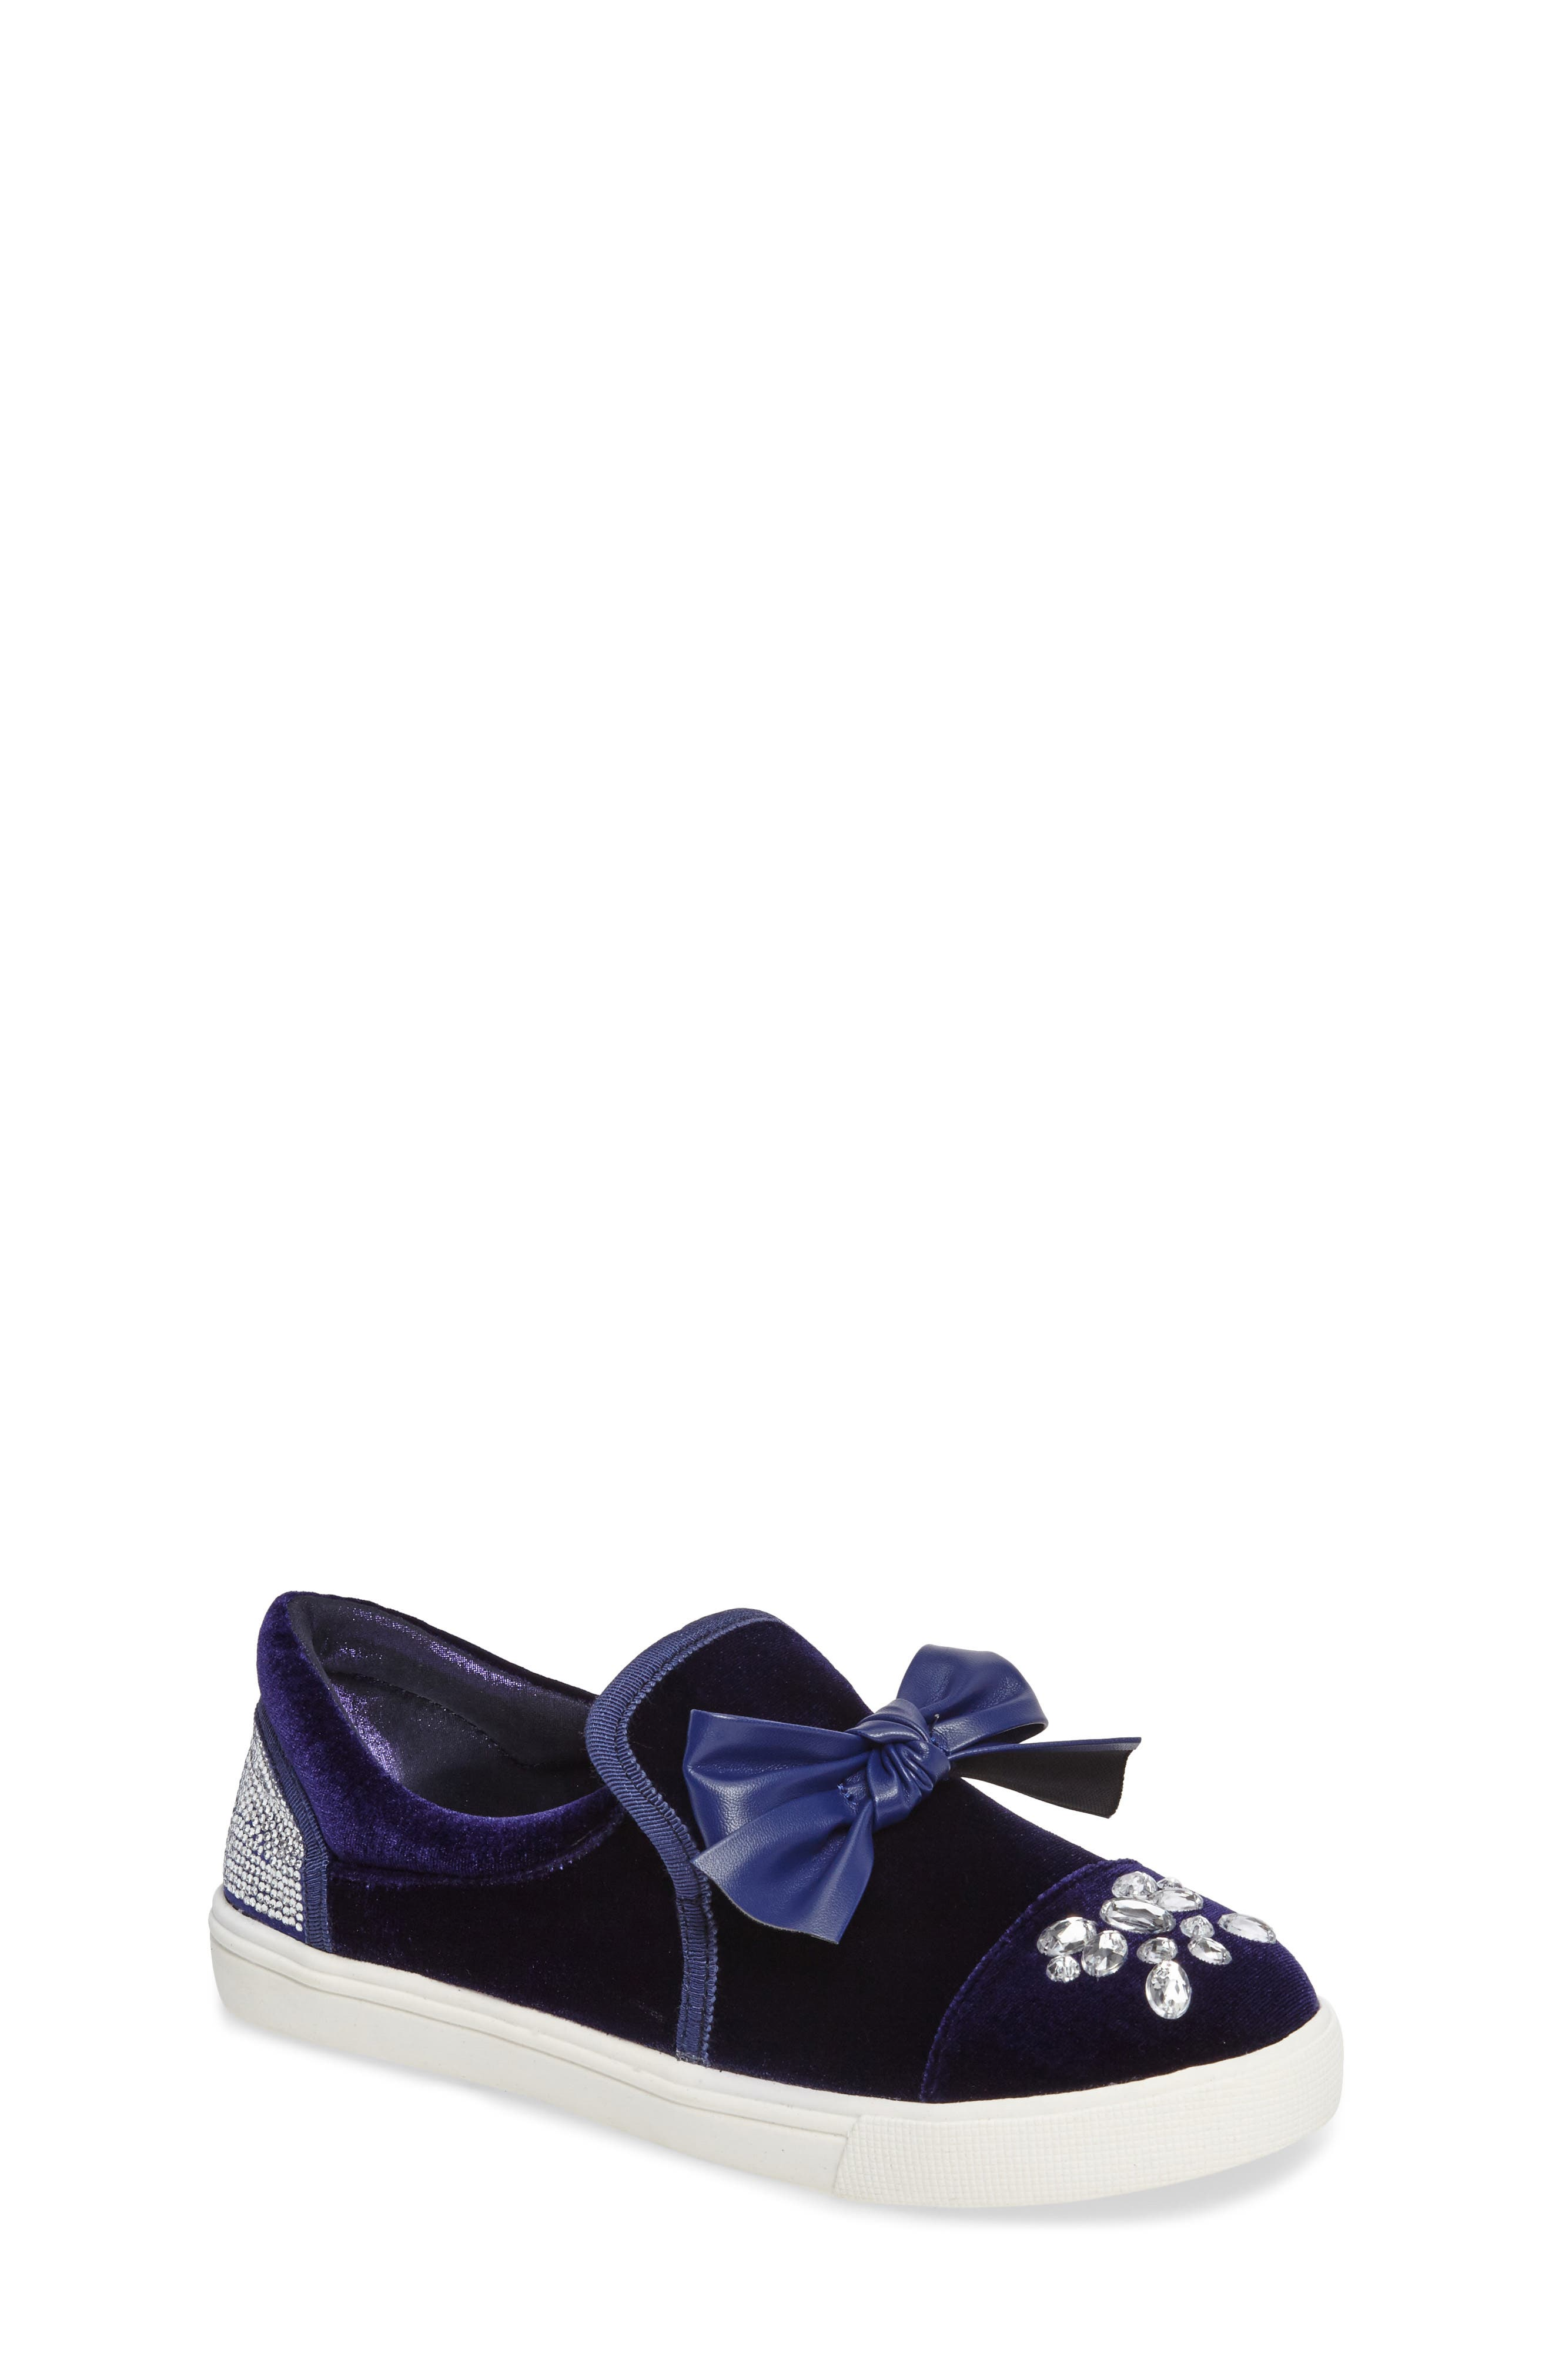 Badgley Mischka Delight Embellished Slip-On Sneaker (Toddler, Little Kid & Big Kid)